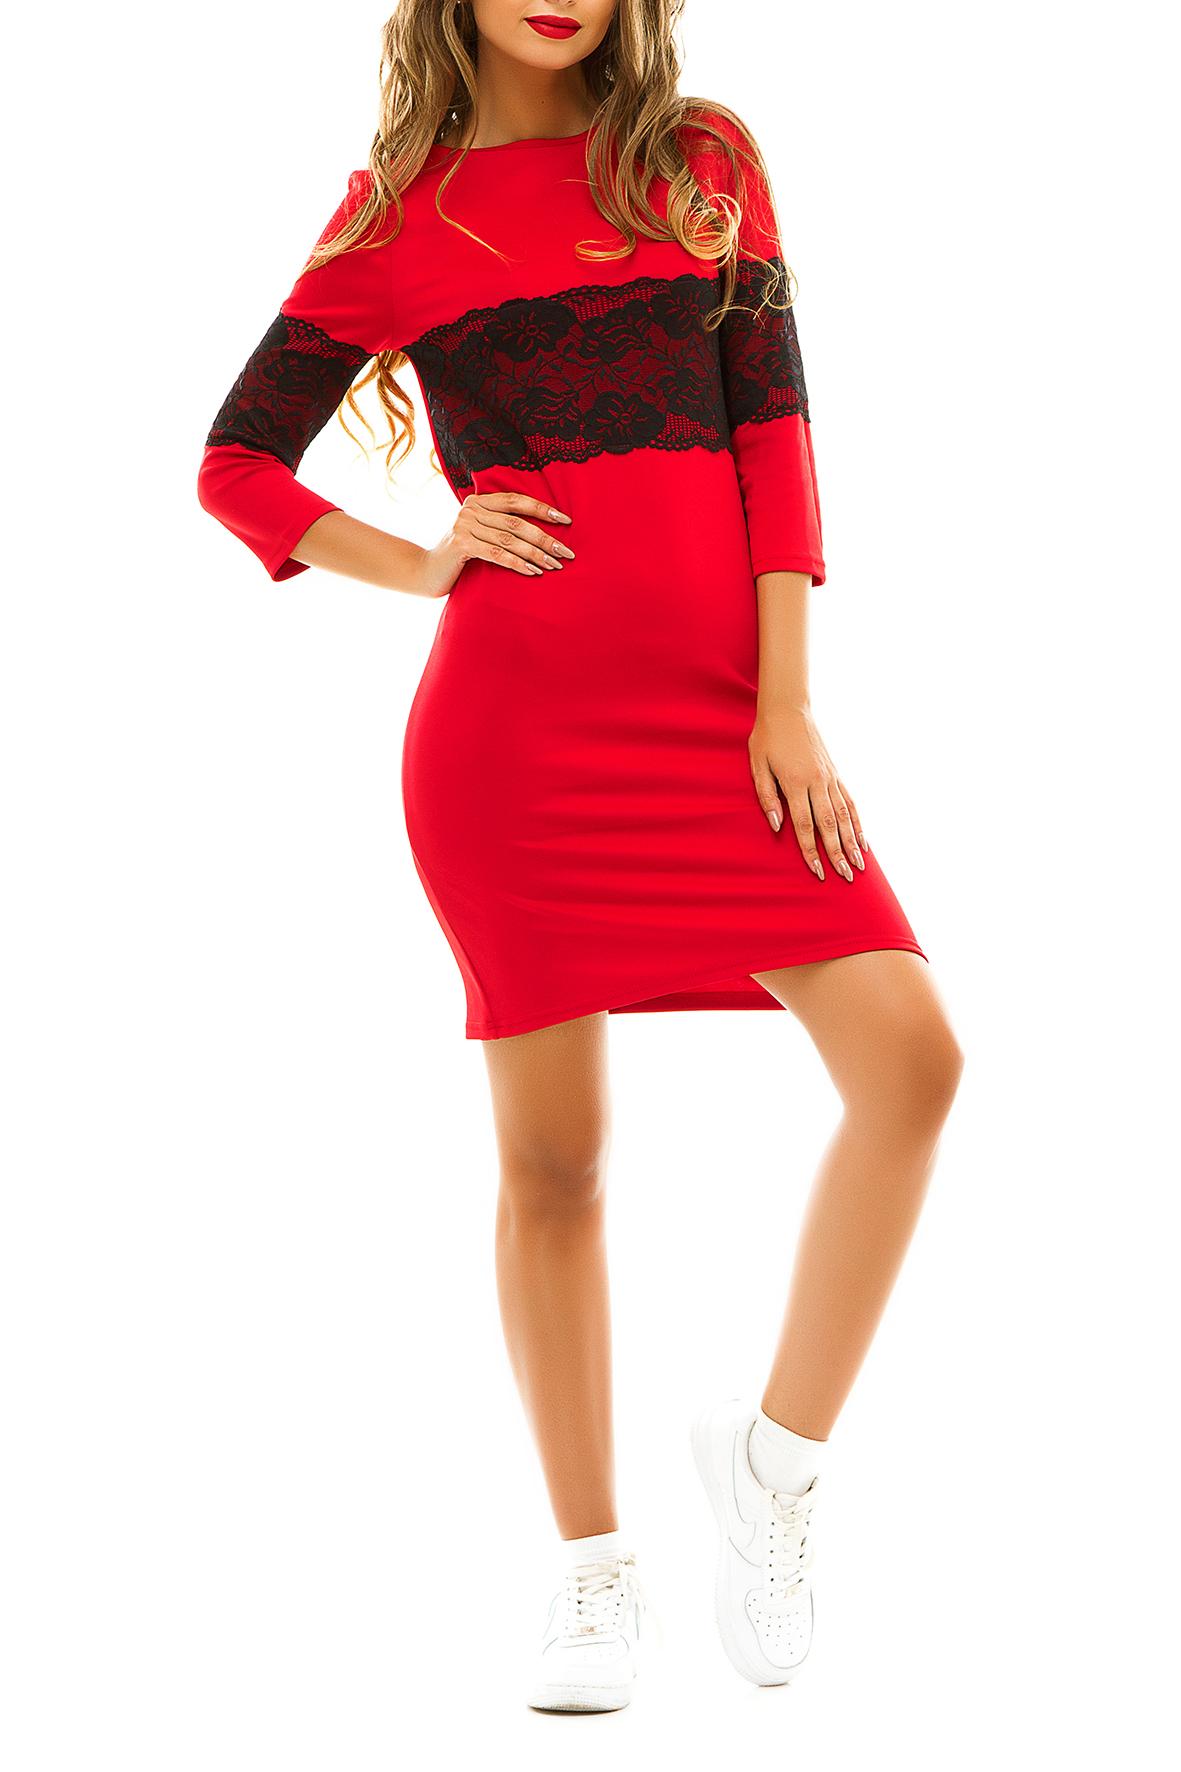 ПлатьеПлатья<br>Демисезонное платье, украшенное широкой кружевной вставкой контрастного цвета идеально подойдет для молодой девушки, которая ценит гармоничное соединение модных тенденций и комфорта. Широкое кружево на груди и рукавах зрительно увеличивает грудь и уменьшает талию. Особым преимуществом этой модели можно считать универсальность.  Цвет: красный с черным кружевом.  Ростовка изделия 170 см<br><br>Горловина: Лодочка<br>По длине: До колена<br>По материалу: Гипюр,Трикотаж<br>По образу: Город,Свидание<br>По рисунку: Цветные<br>По силуэту: Полуприталенные<br>По стилю: Молодежный стиль,Повседневный стиль<br>По форме: Платье - футляр<br>По элементам: С декором<br>Рукав: Рукав три четверти<br>По сезону: Осень,Весна<br>Размер : 42-44,44-46<br>Материал: Трикотаж + Гипюр<br>Количество в наличии: 2